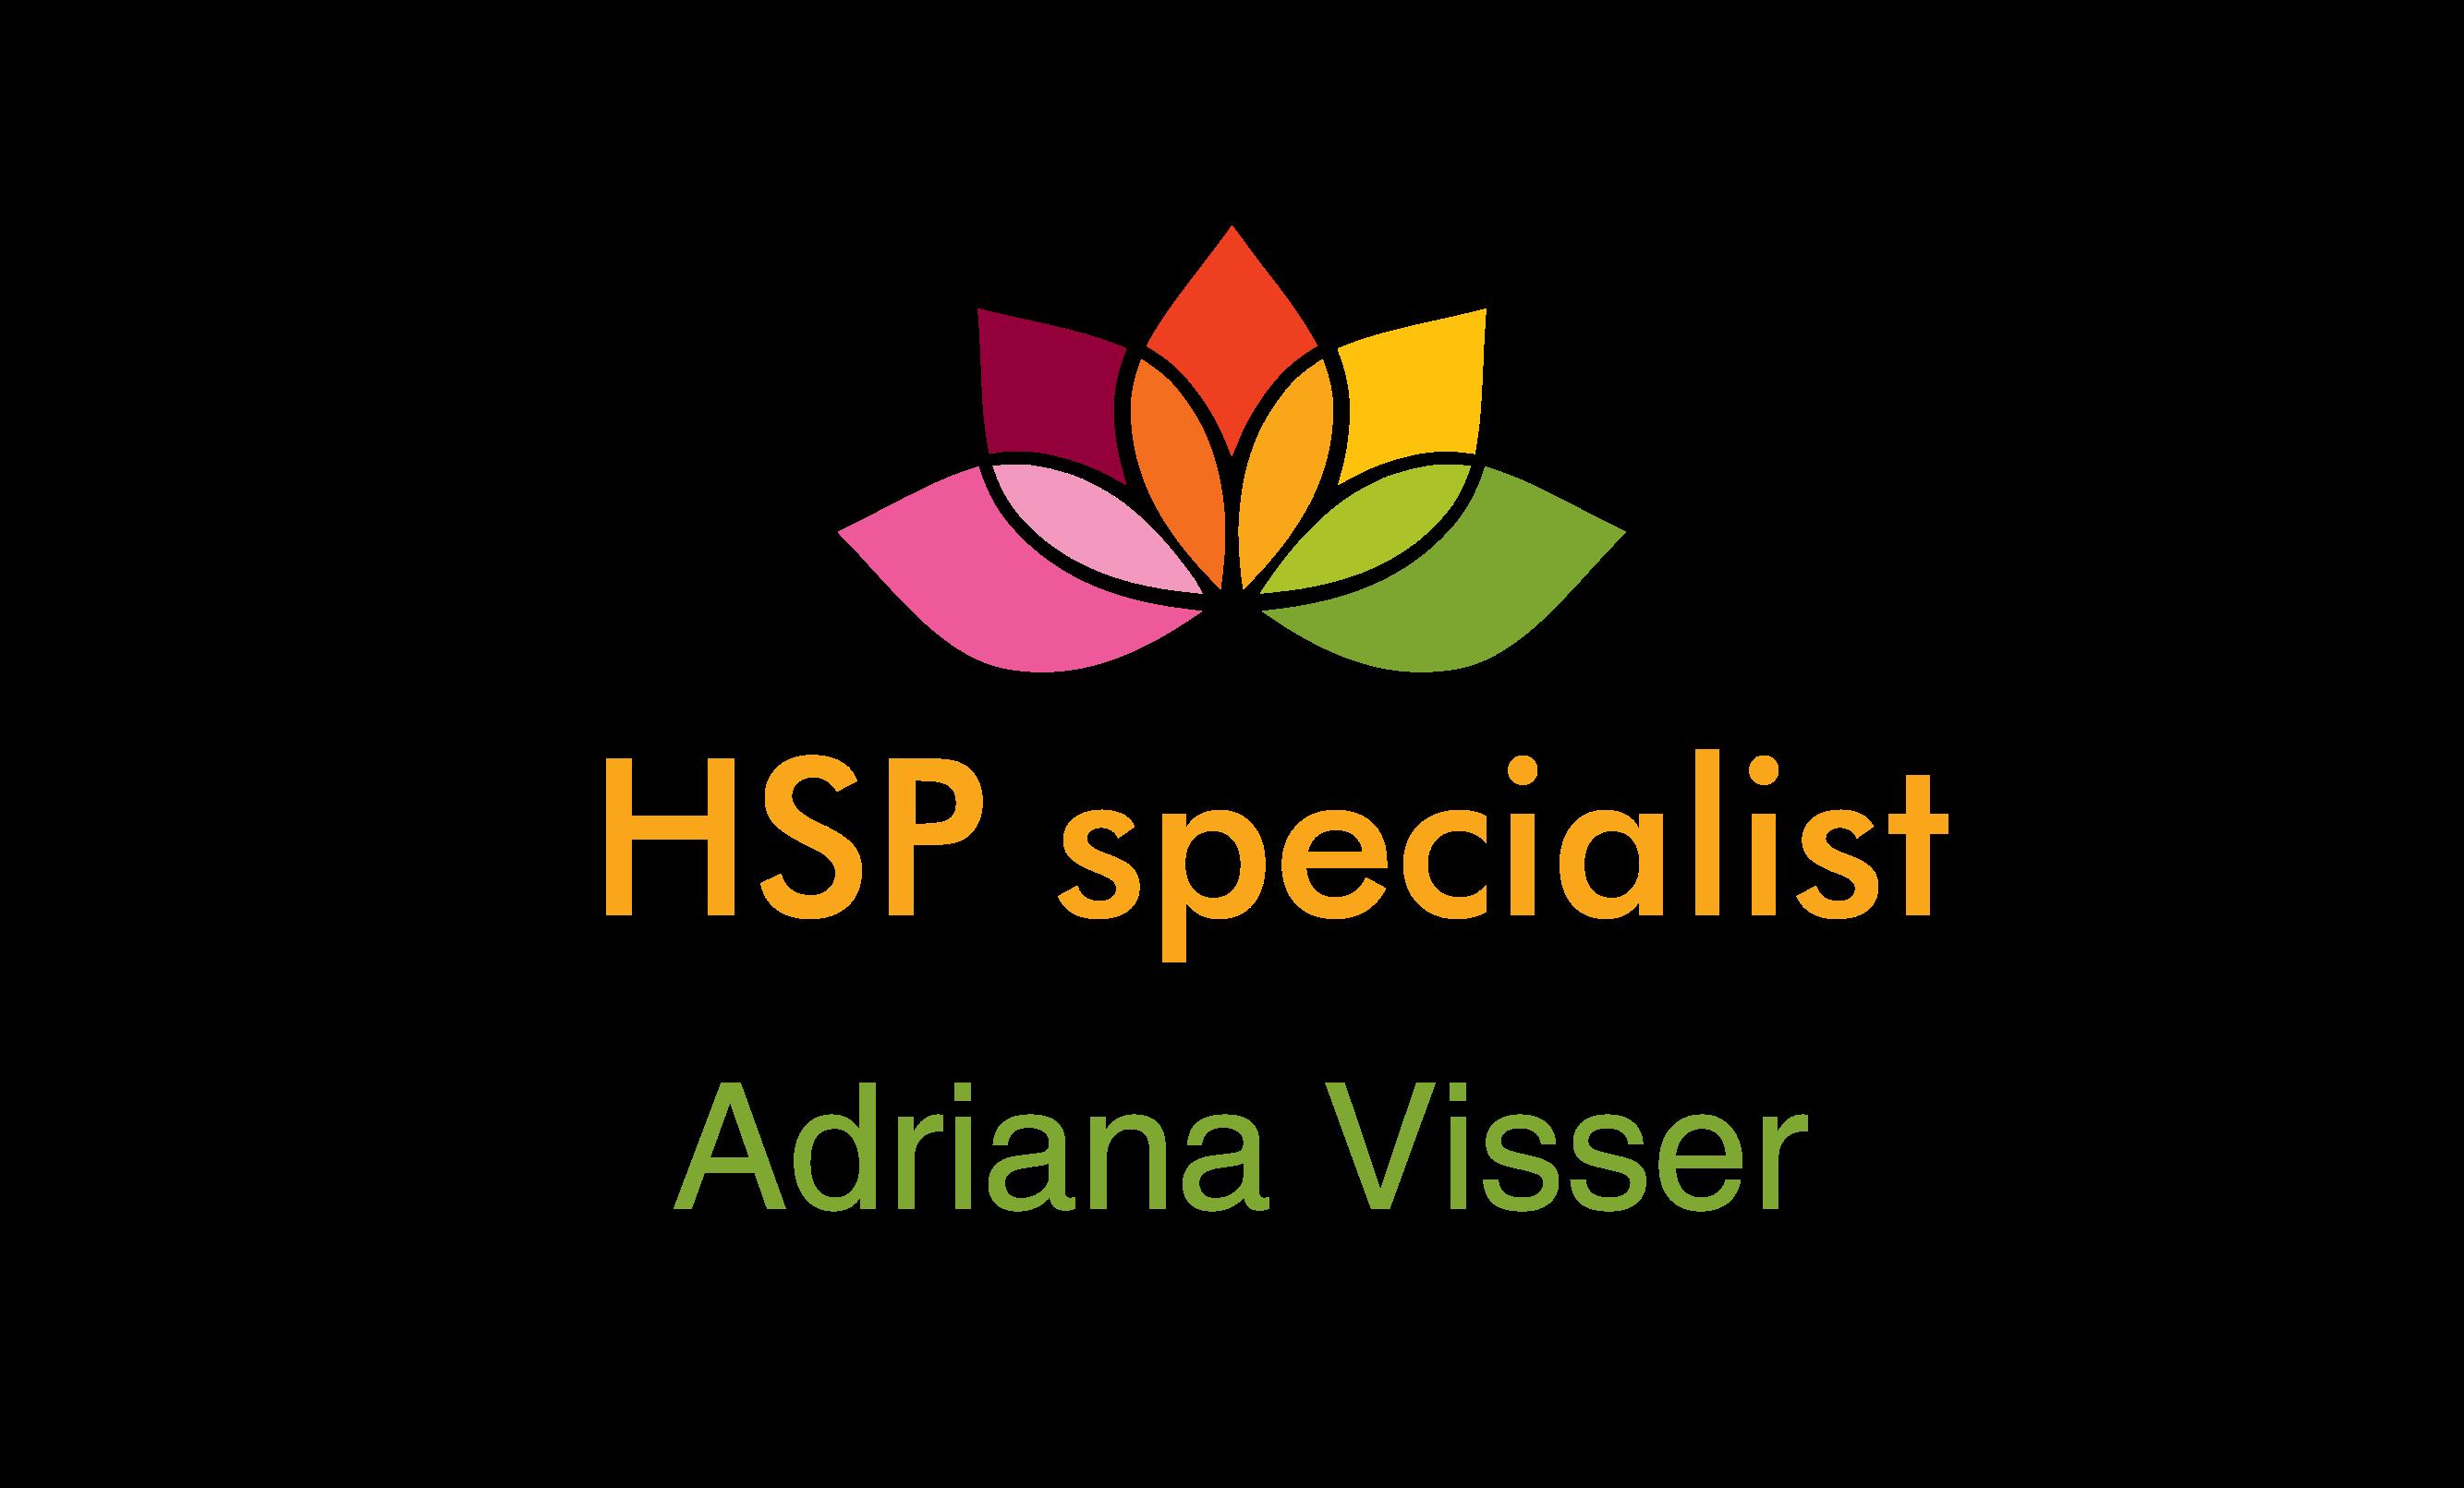 Adriana Visser, HSP specialist, Leeuwarden & Online HSP coaching naar een blijvende doorbraak